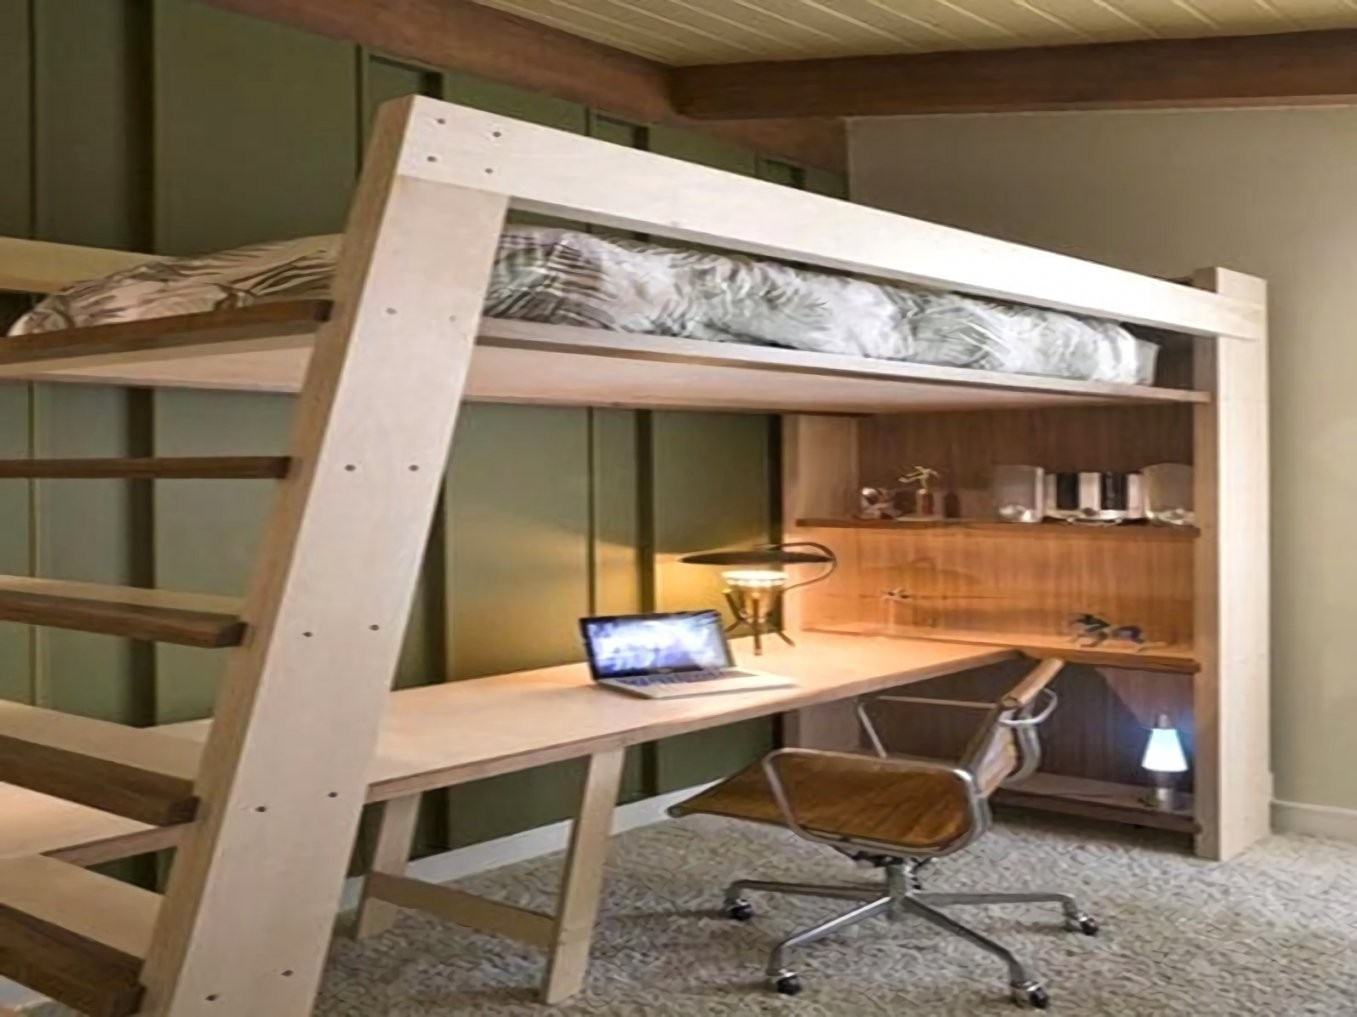 Herrlich Schlafzimmer Ideen Kleine Räume Ist Tolle von Jugendzimmer Ideen Für Kleine Zimmer Bild